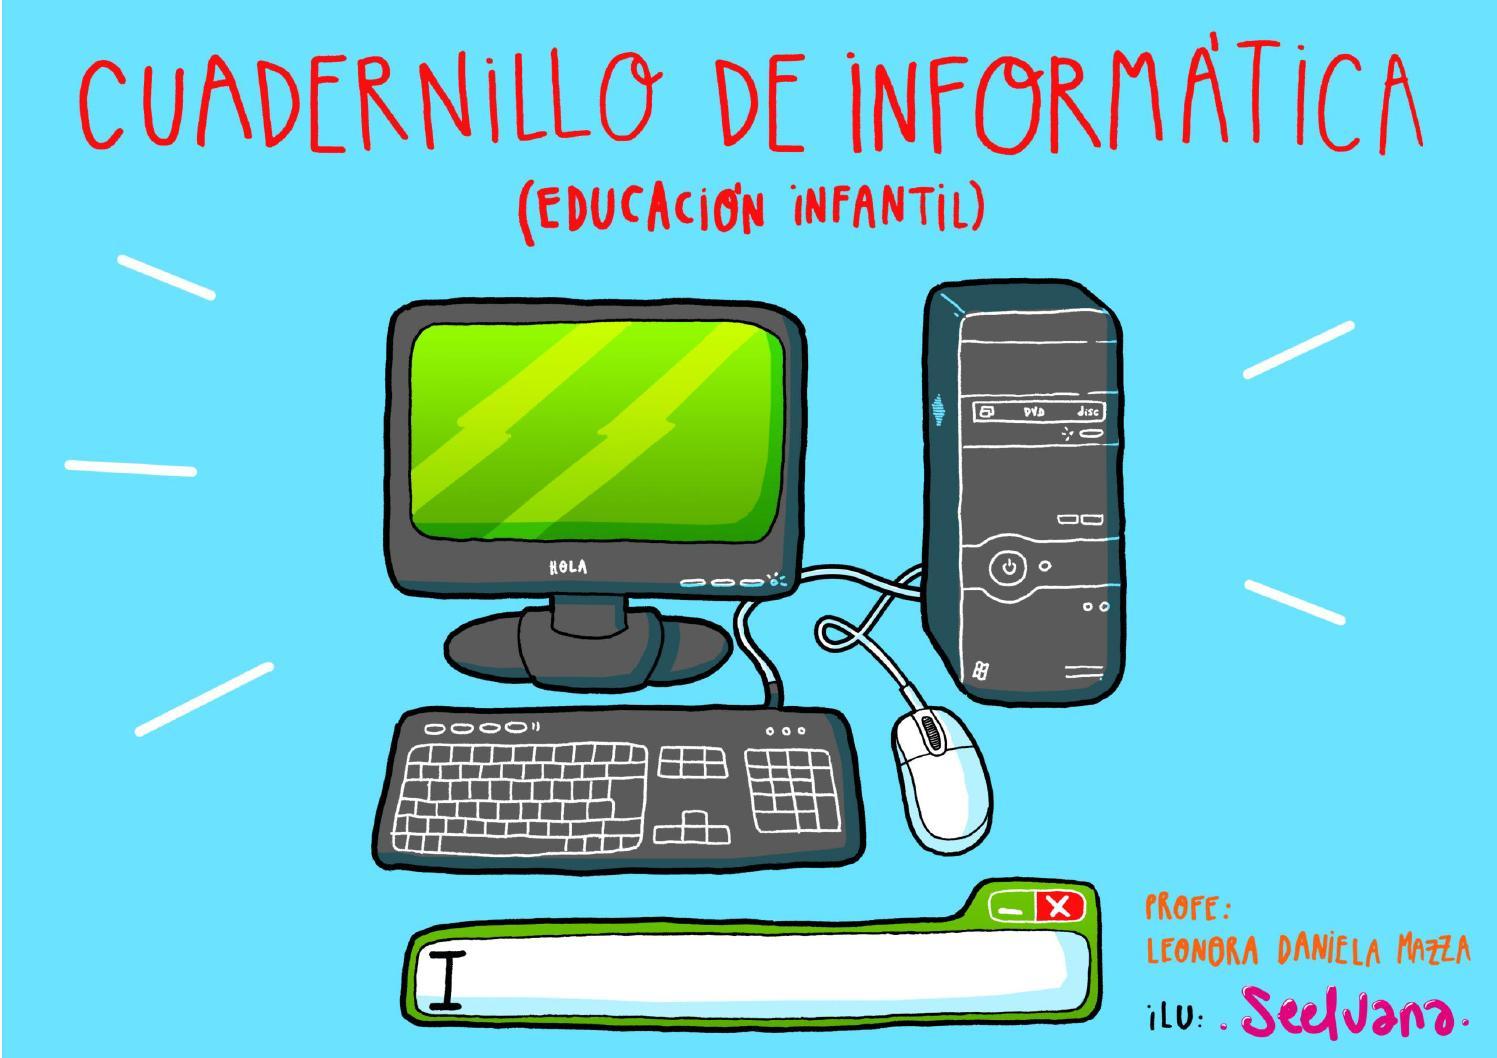 Cuadernillo de informática propuestas de clases divertidas - Leonora ...